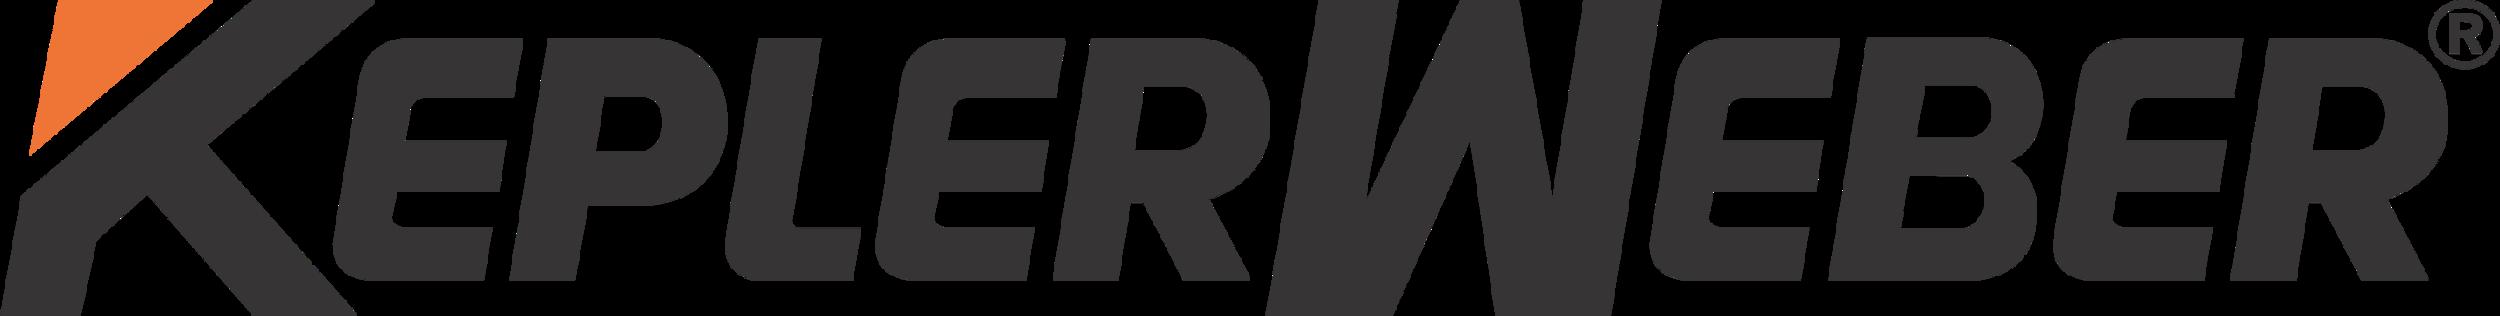 Logo KeplerWeber.png